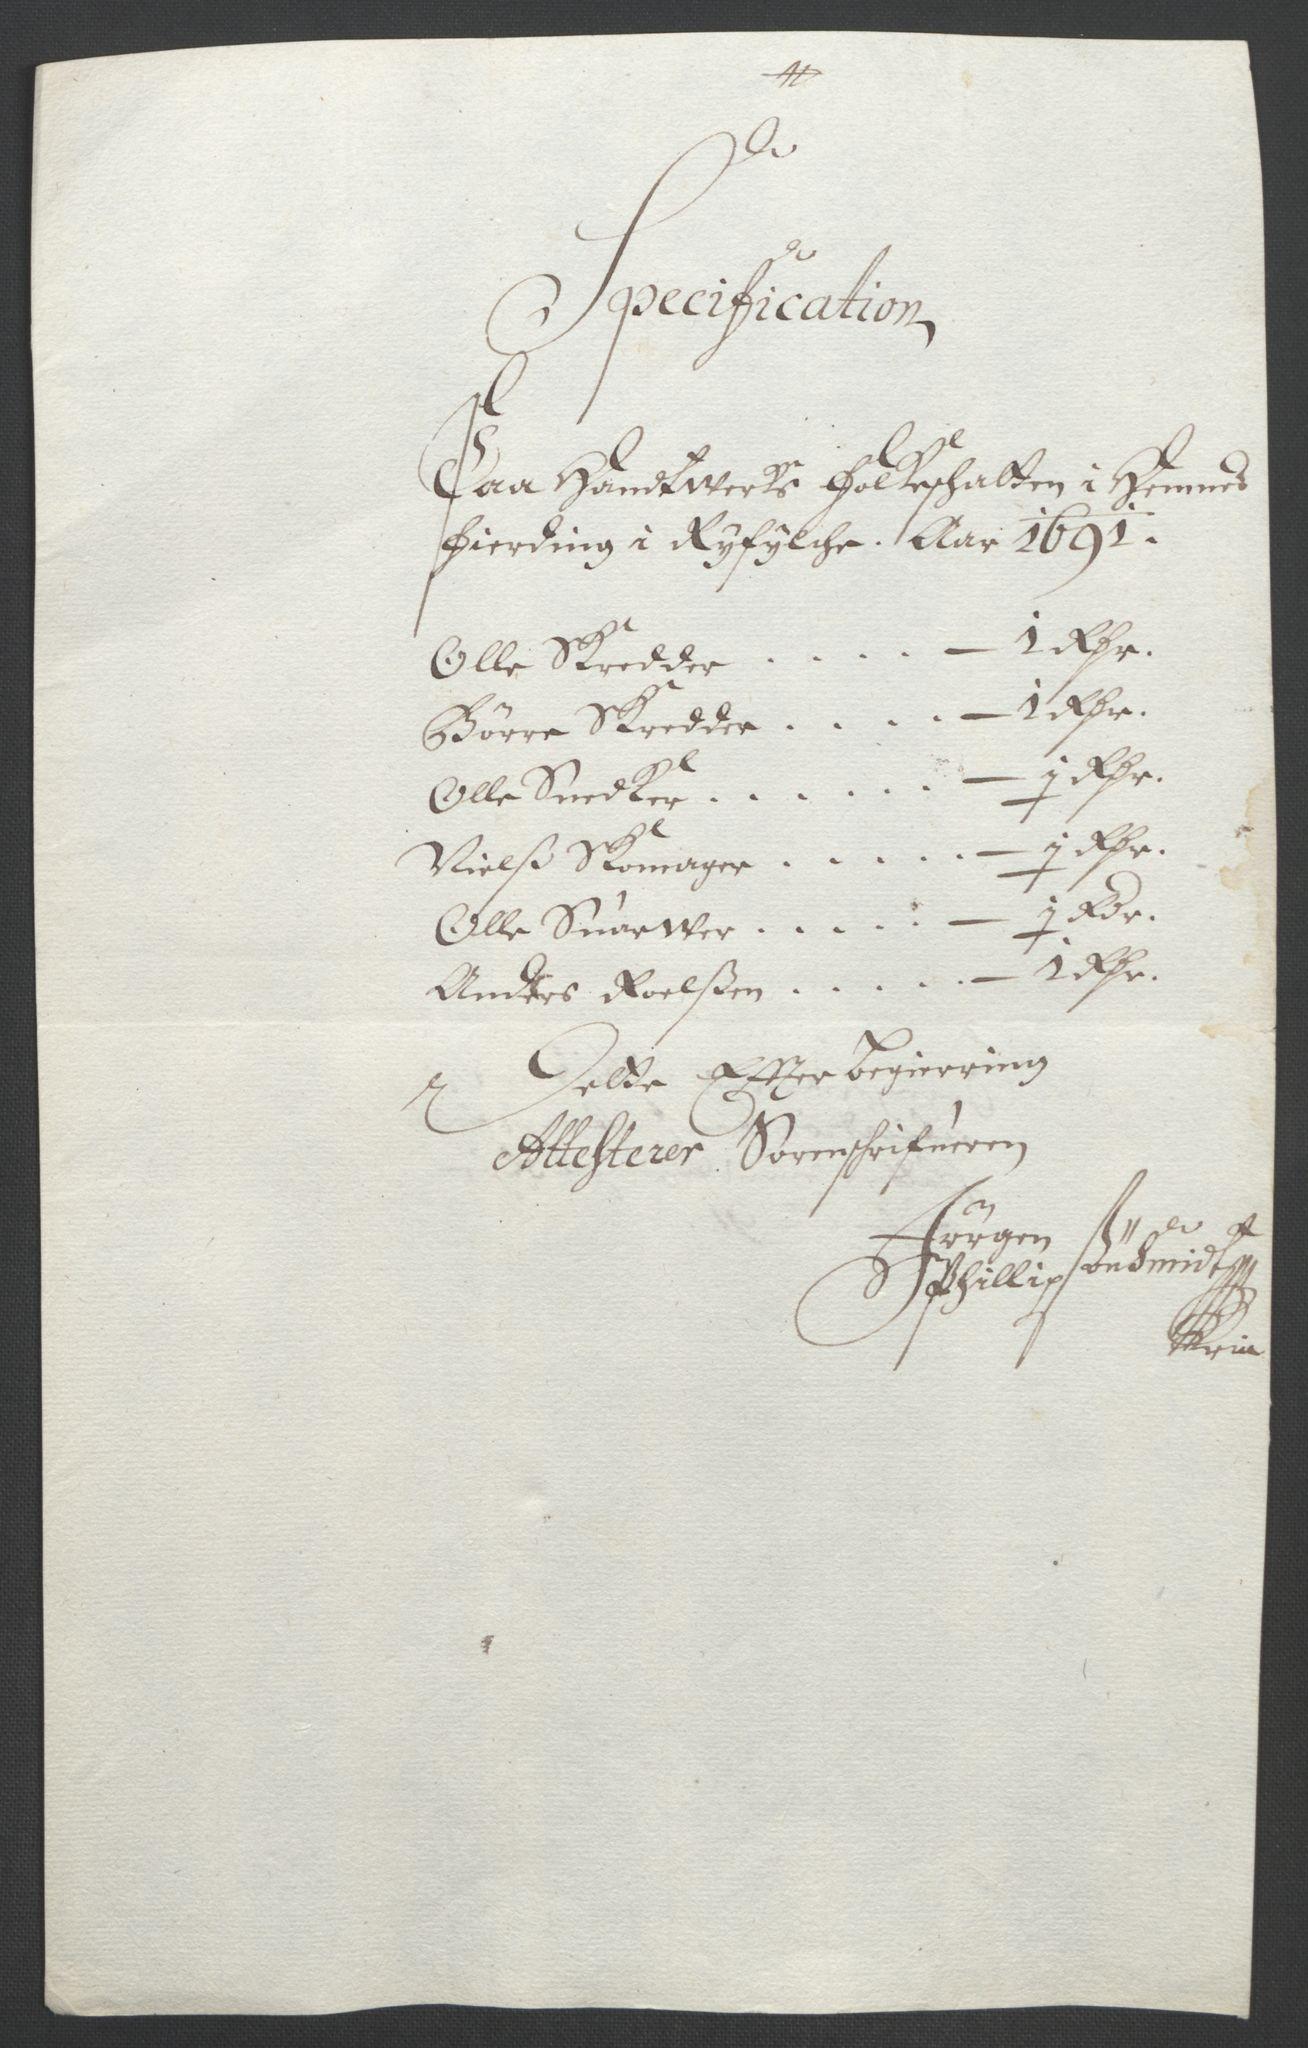 RA, Rentekammeret inntil 1814, Reviderte regnskaper, Fogderegnskap, R47/L2856: Fogderegnskap Ryfylke, 1689-1693, s. 377